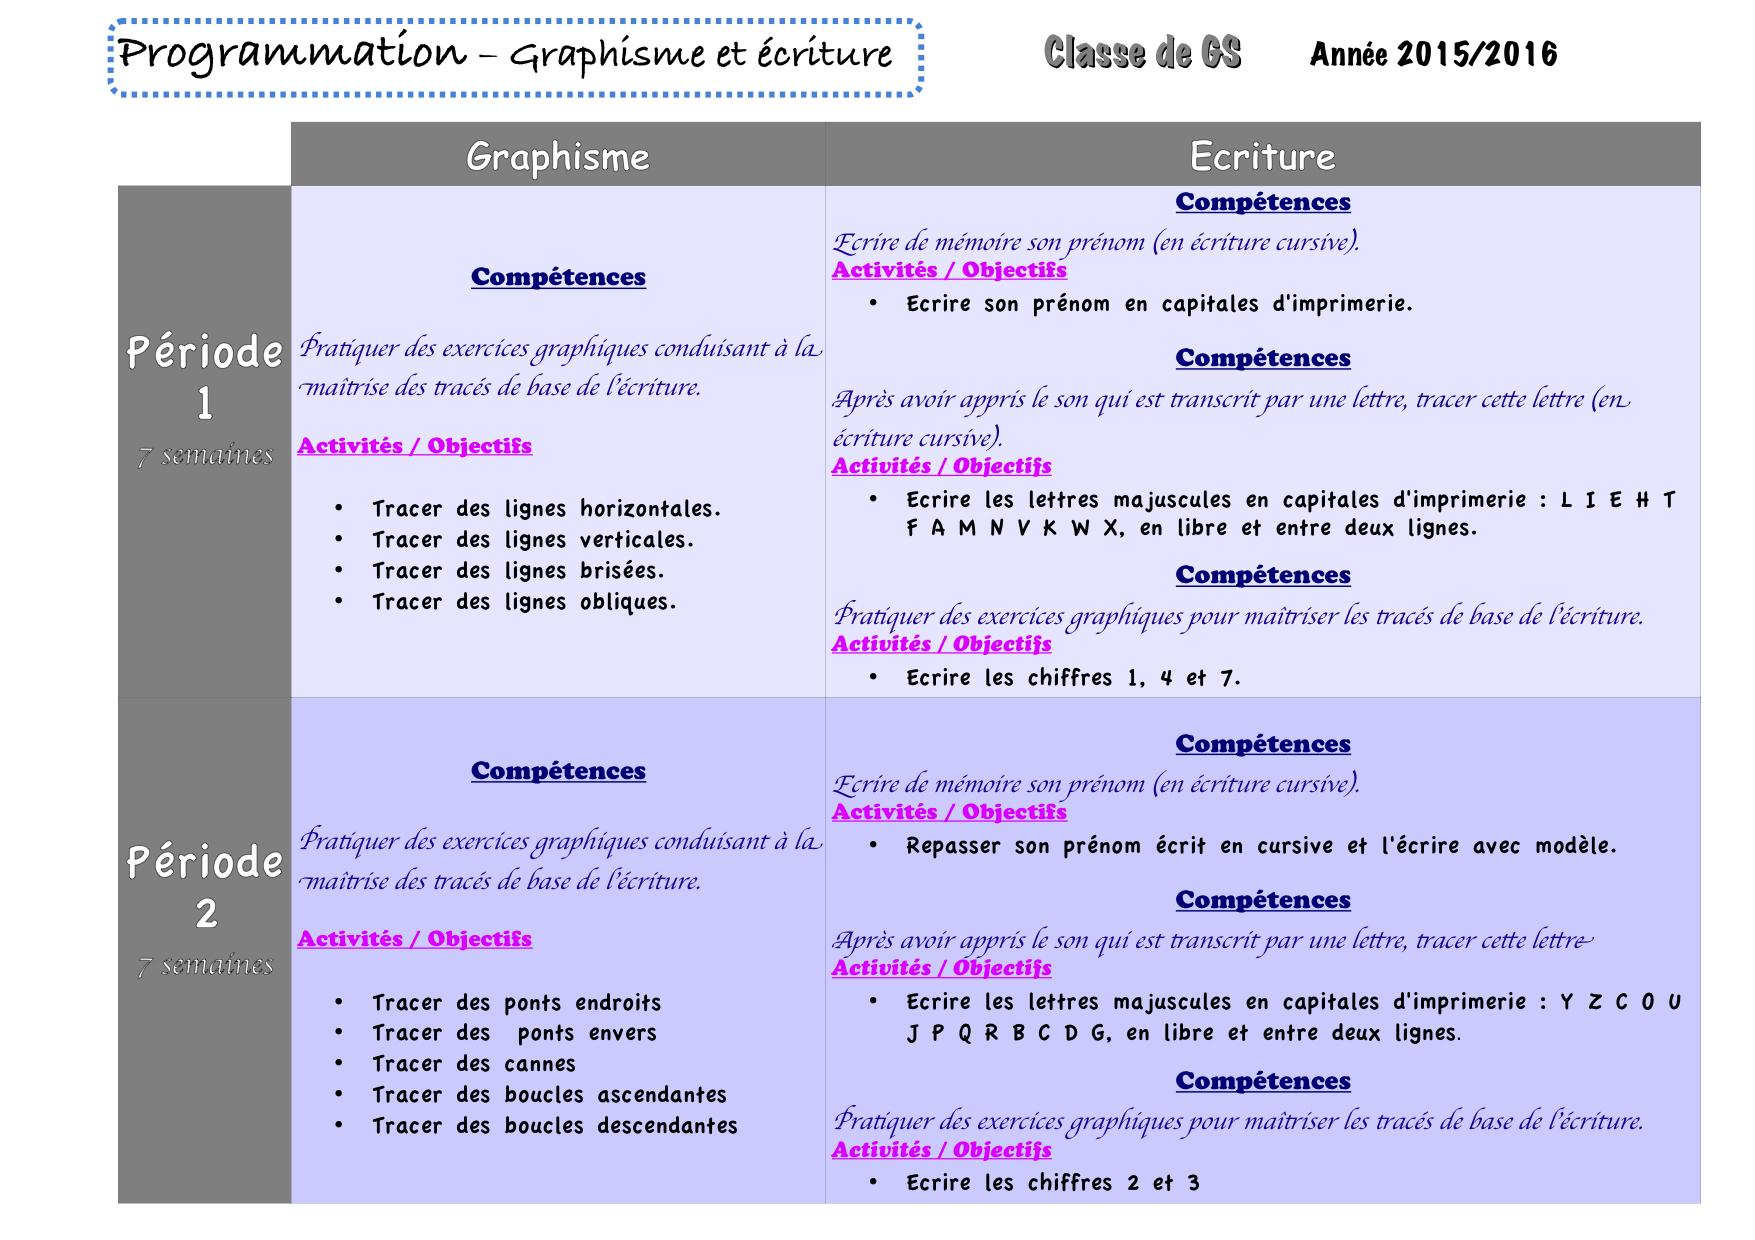 Programmation Graphisme Gs 2016/2017 - La Classe De Luccia ! encequiconcerne Activités Graphiques Gs